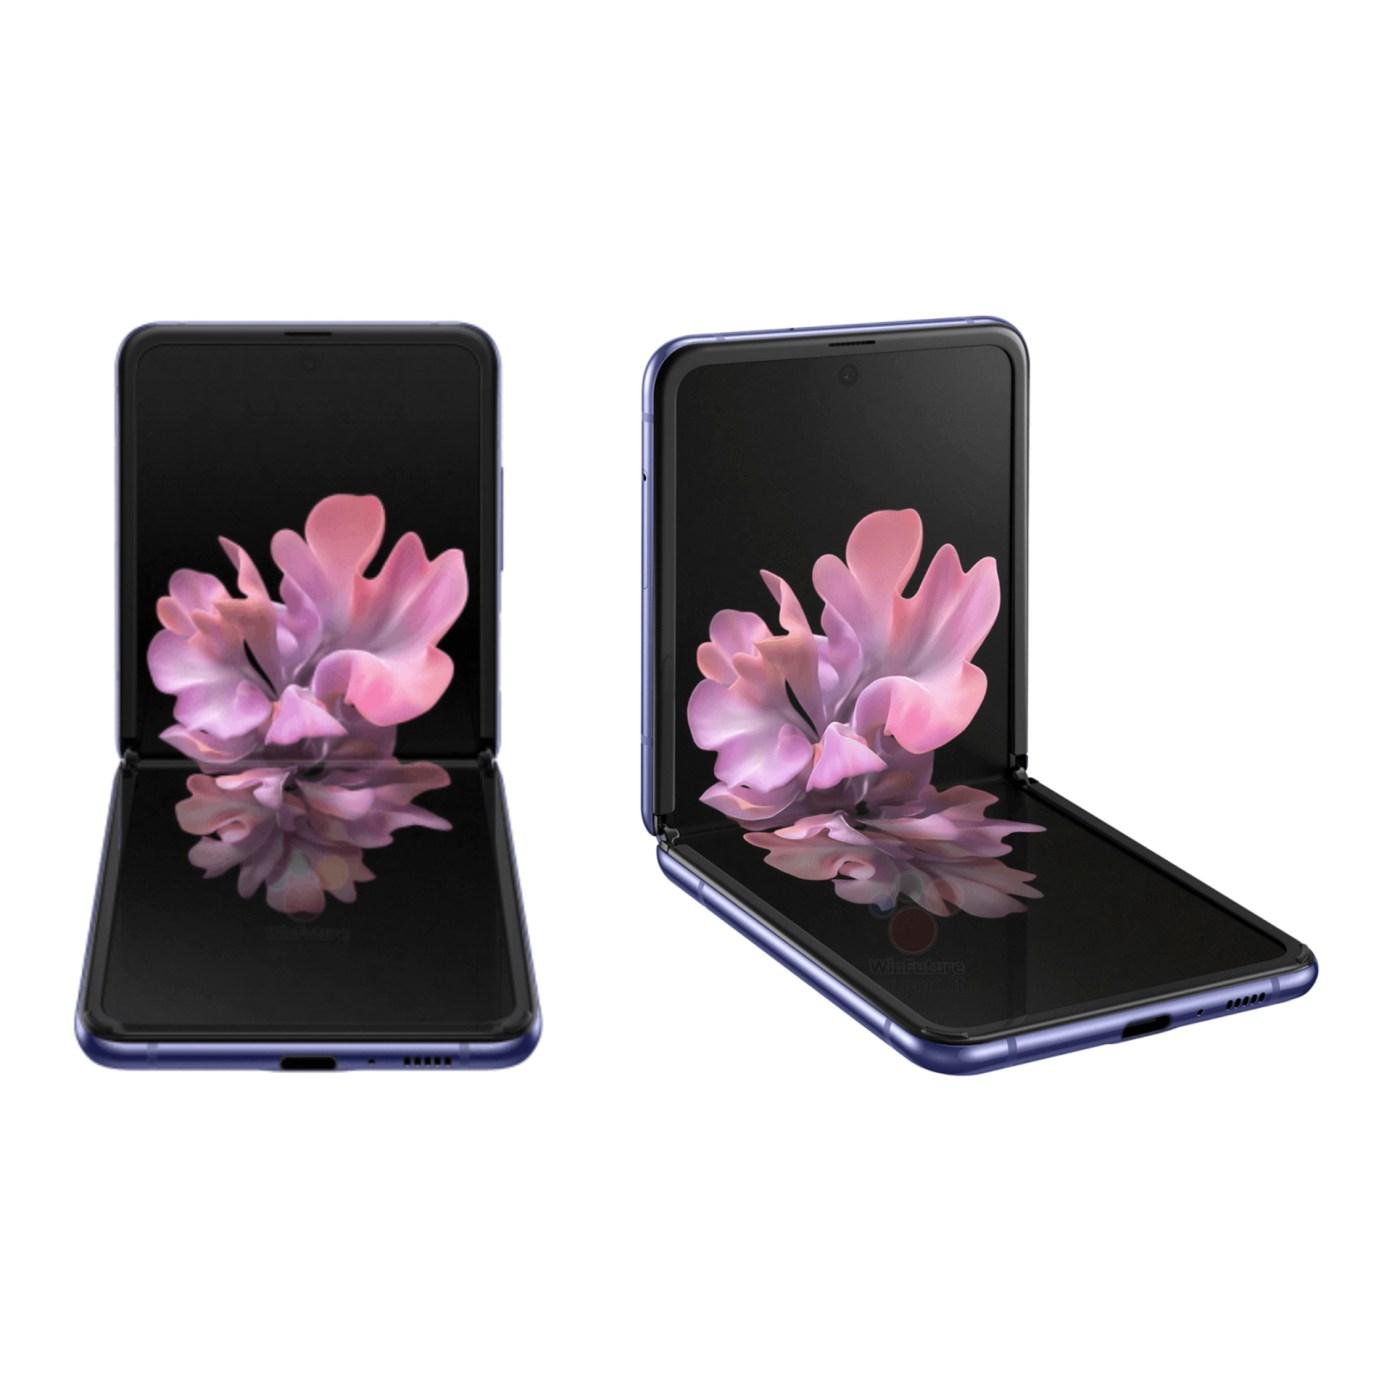 Samsung Galaxy Z Flip için yeni sızıntı geldi!